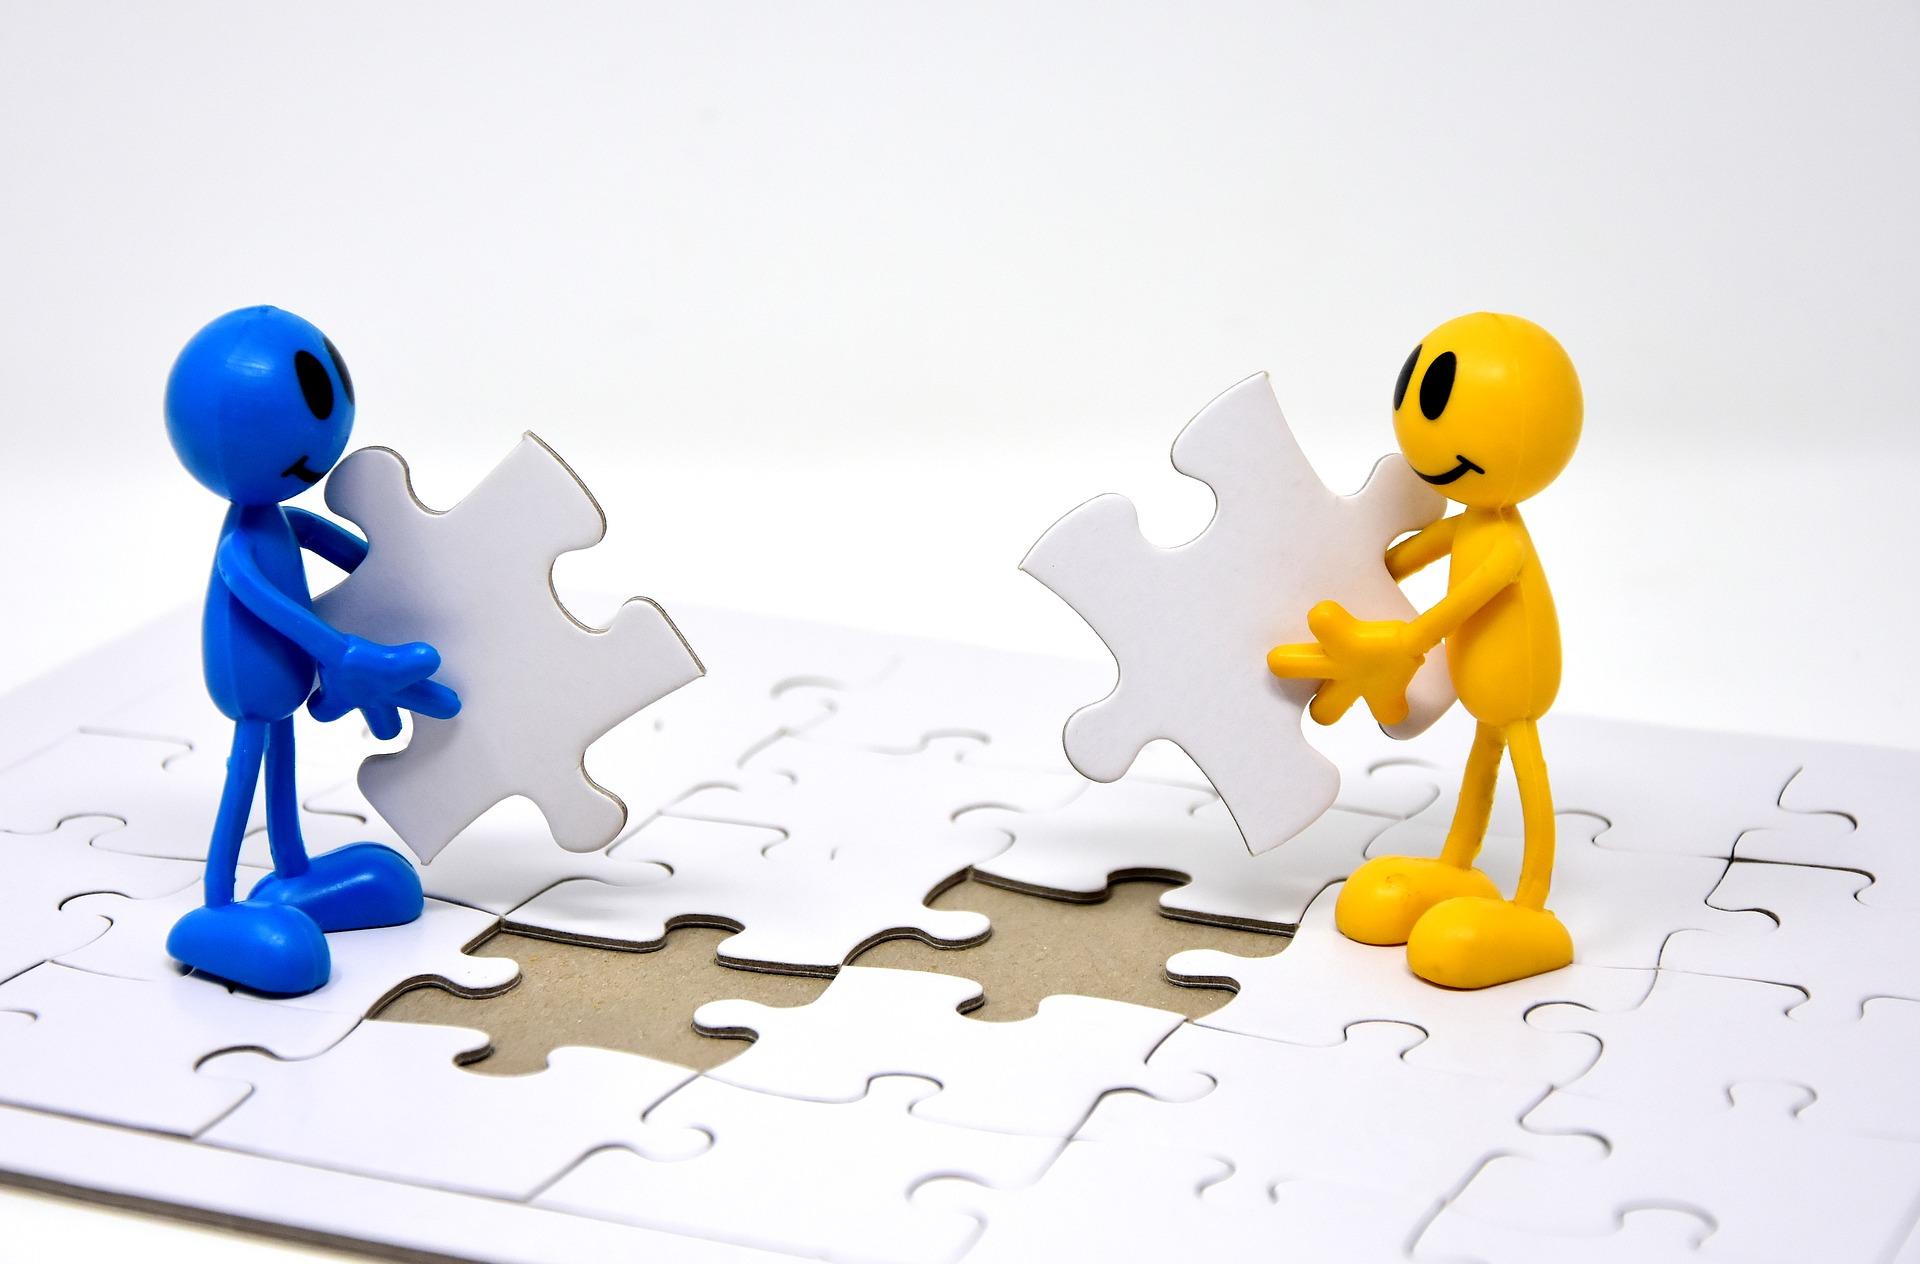 マッチングした症例対照研究で、マッチした要素で調整する必要がある理由